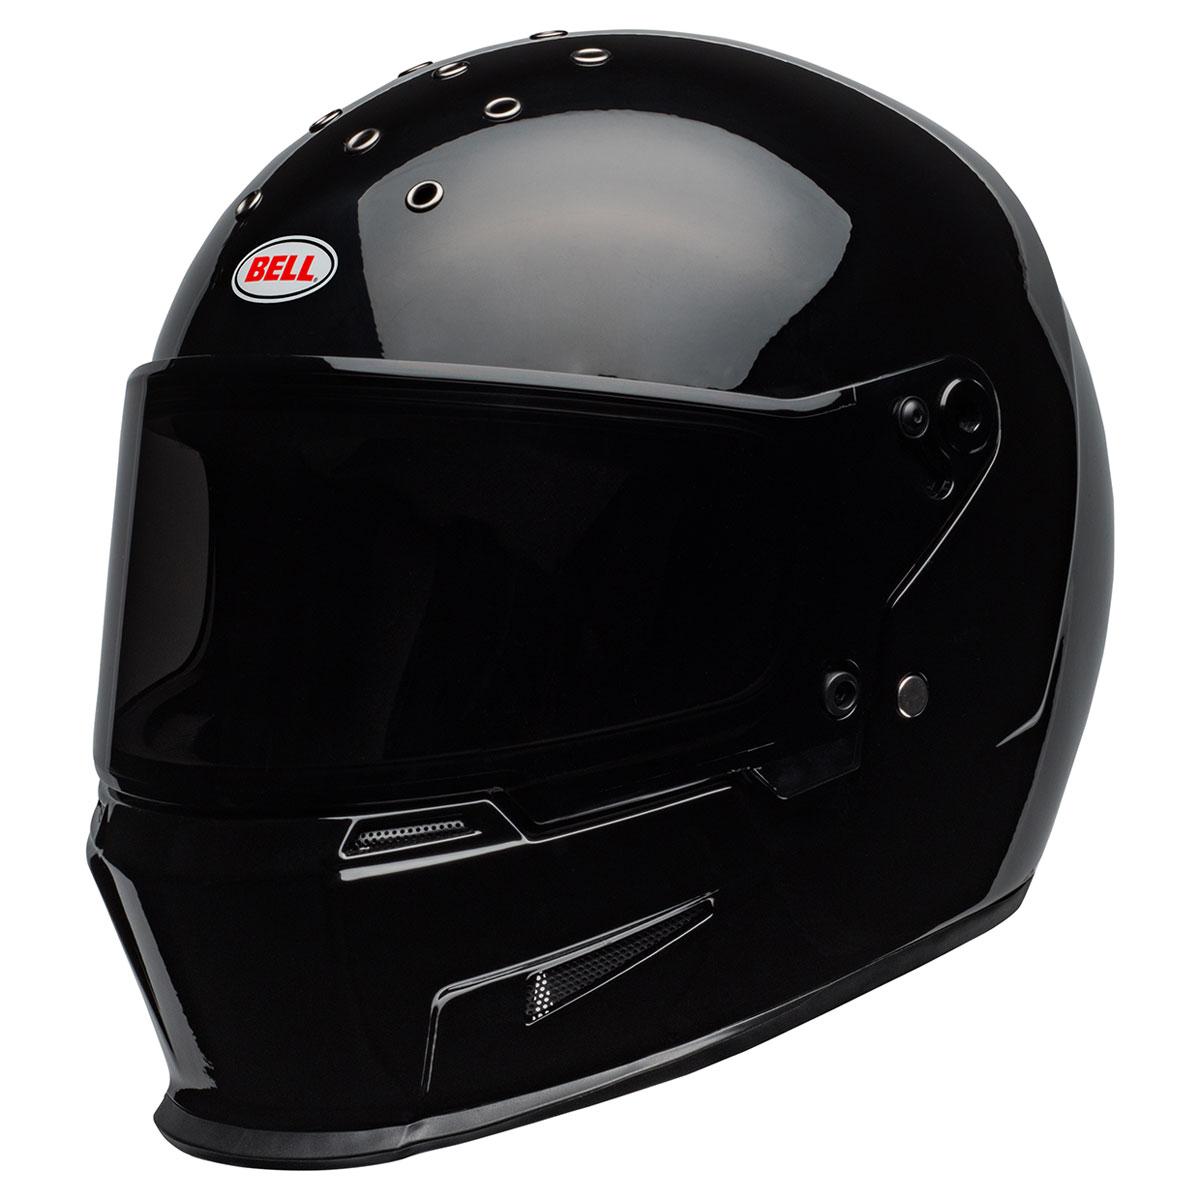 Bell Eliminator Gloss Black Full Face Helmet